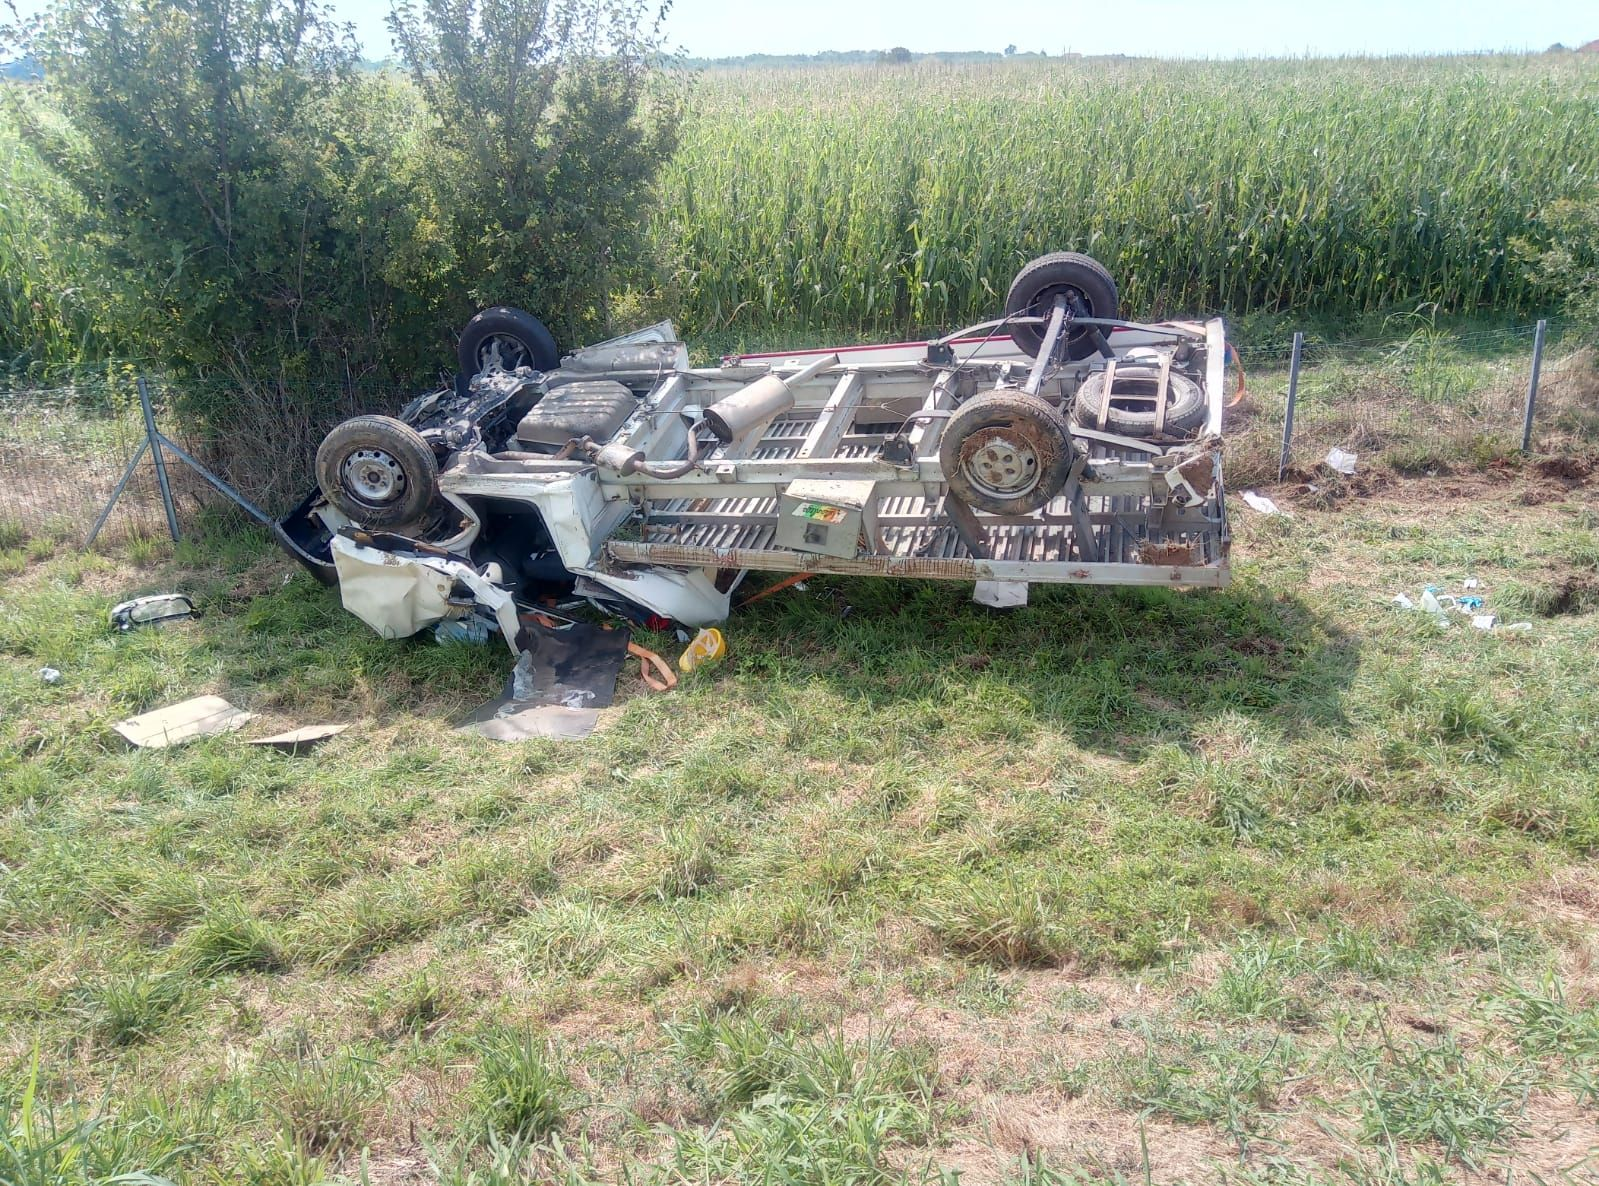 INCIDENTE SULLA A6 - Camionista di San Maurizio Canavese ferito